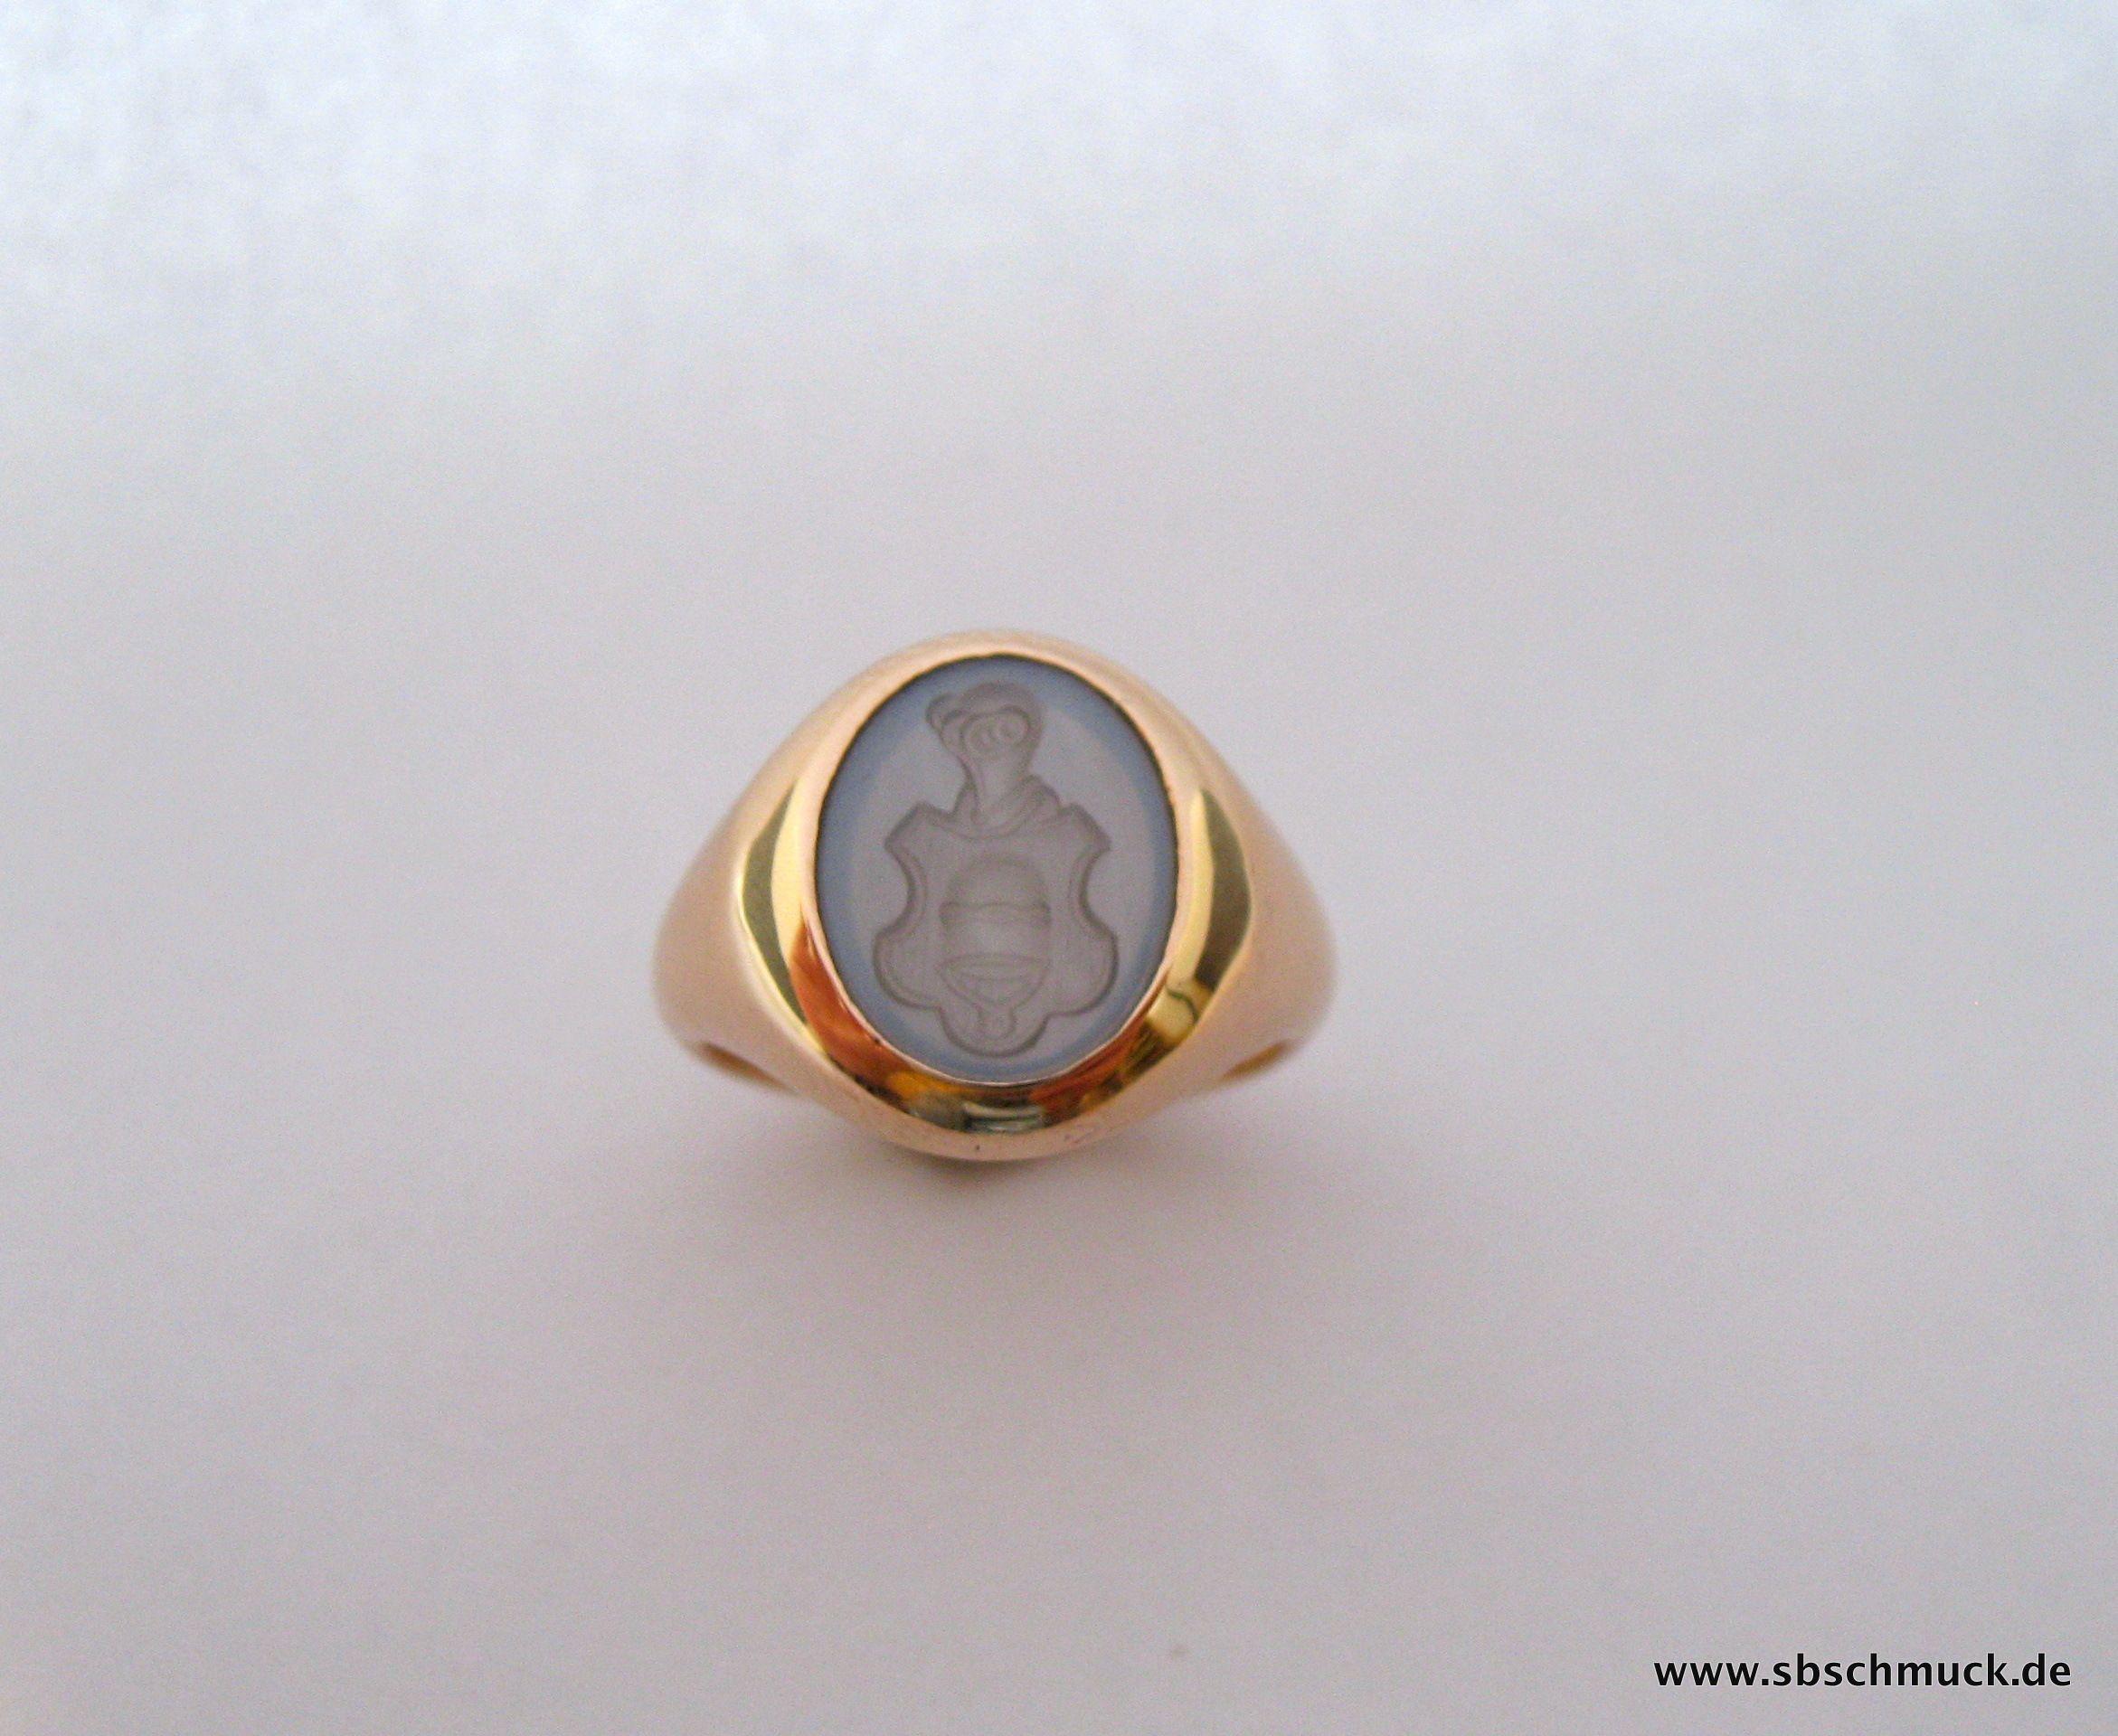 Ganz spezieller Siegelring aus Roségold mit ind Mondstein Siegel